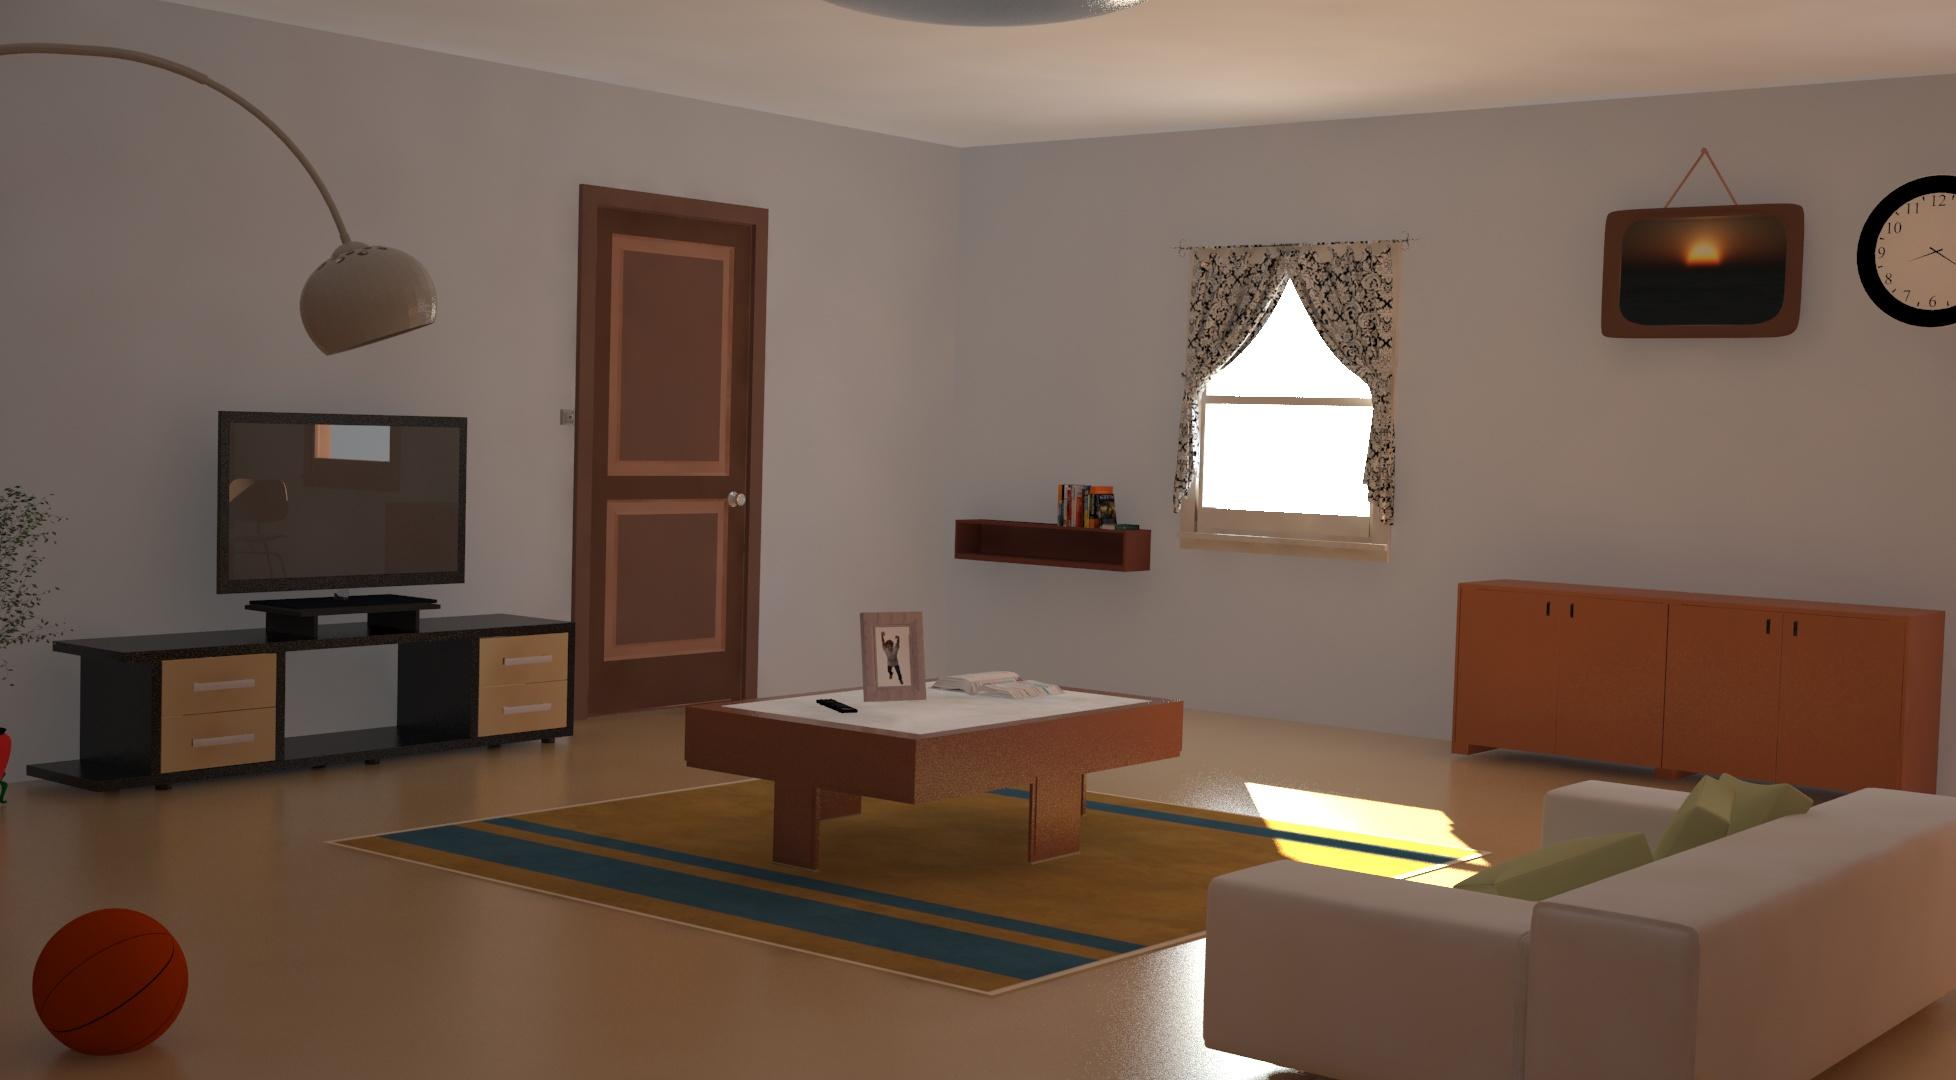 Where is my family, jeu d'aventure disponible sur Windows, Linux et Osx. - Page 2 751067salon03032015